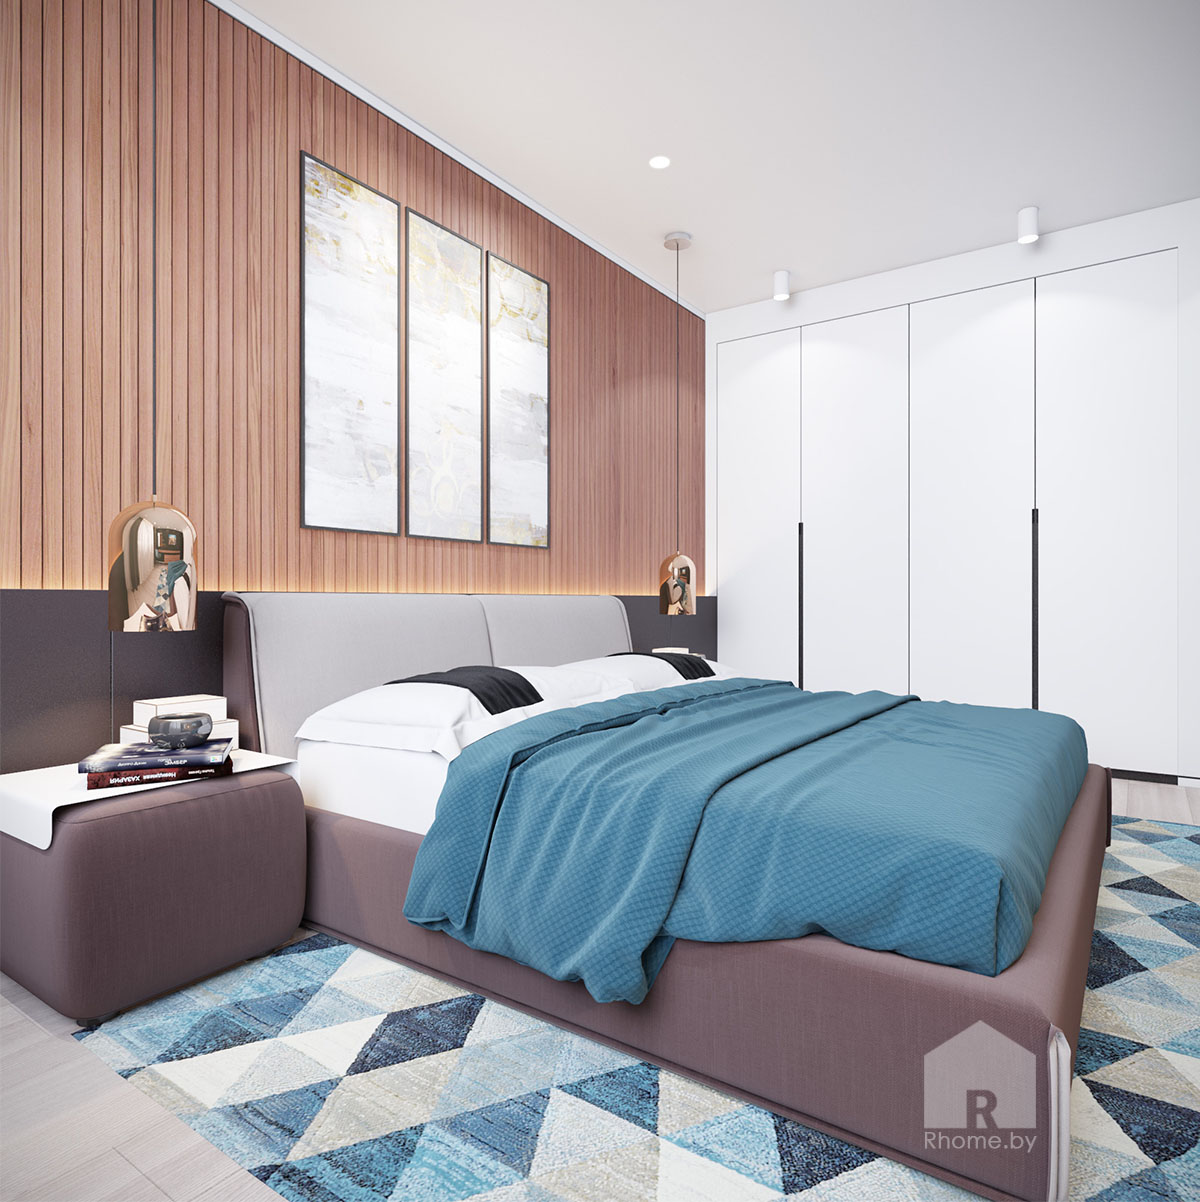 Дизайн интерьера спальни в ЖК «Браславский» | Дизайн студия – Rhome.by